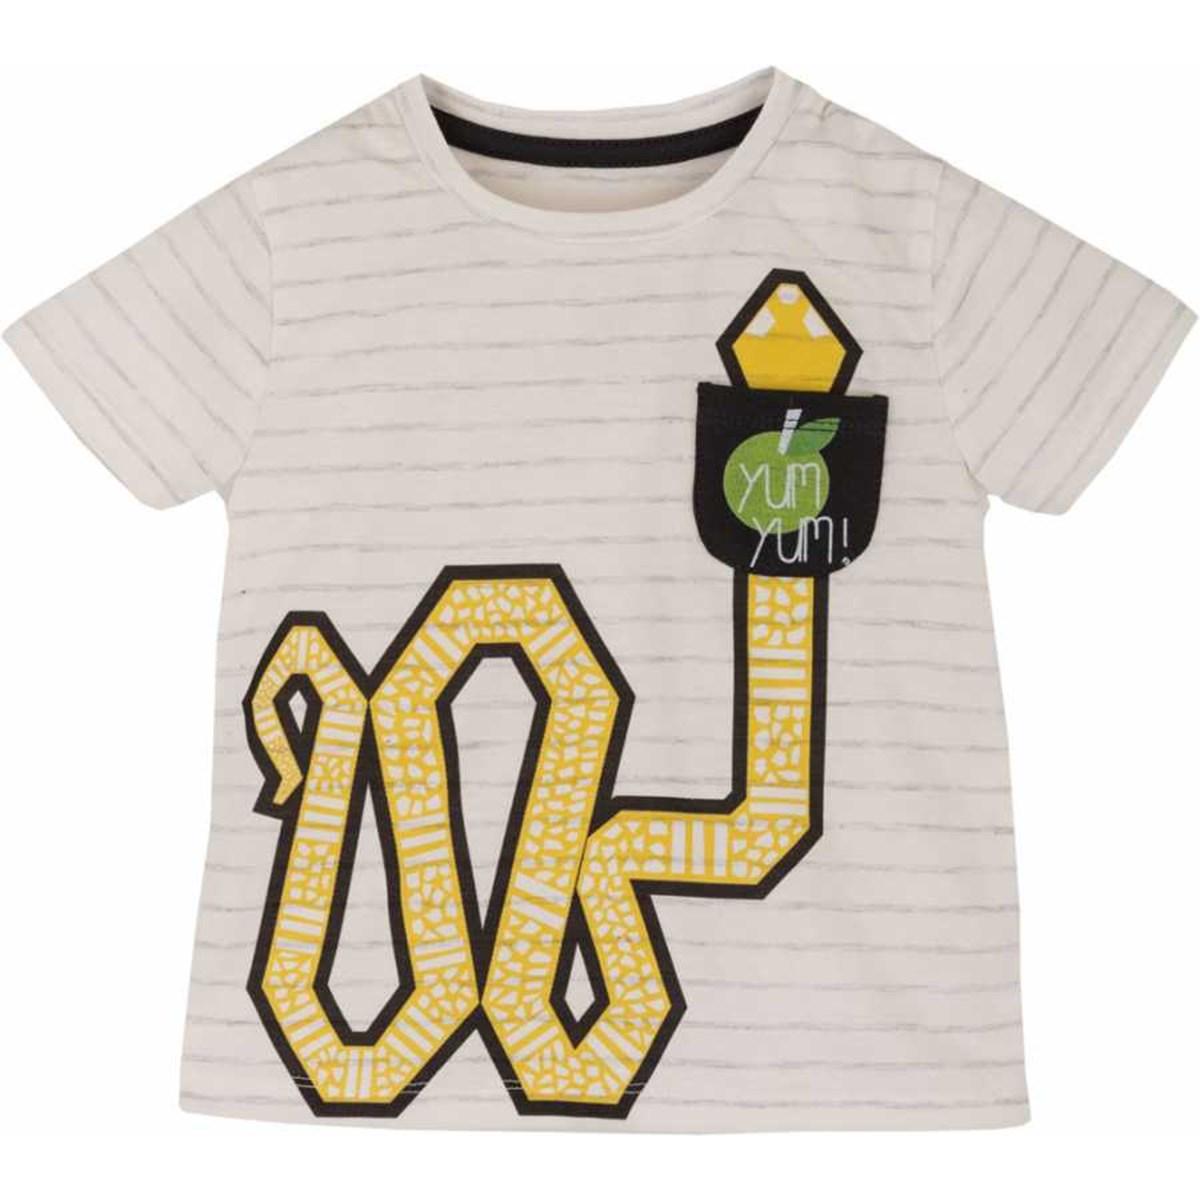 8694 Tshirt 1